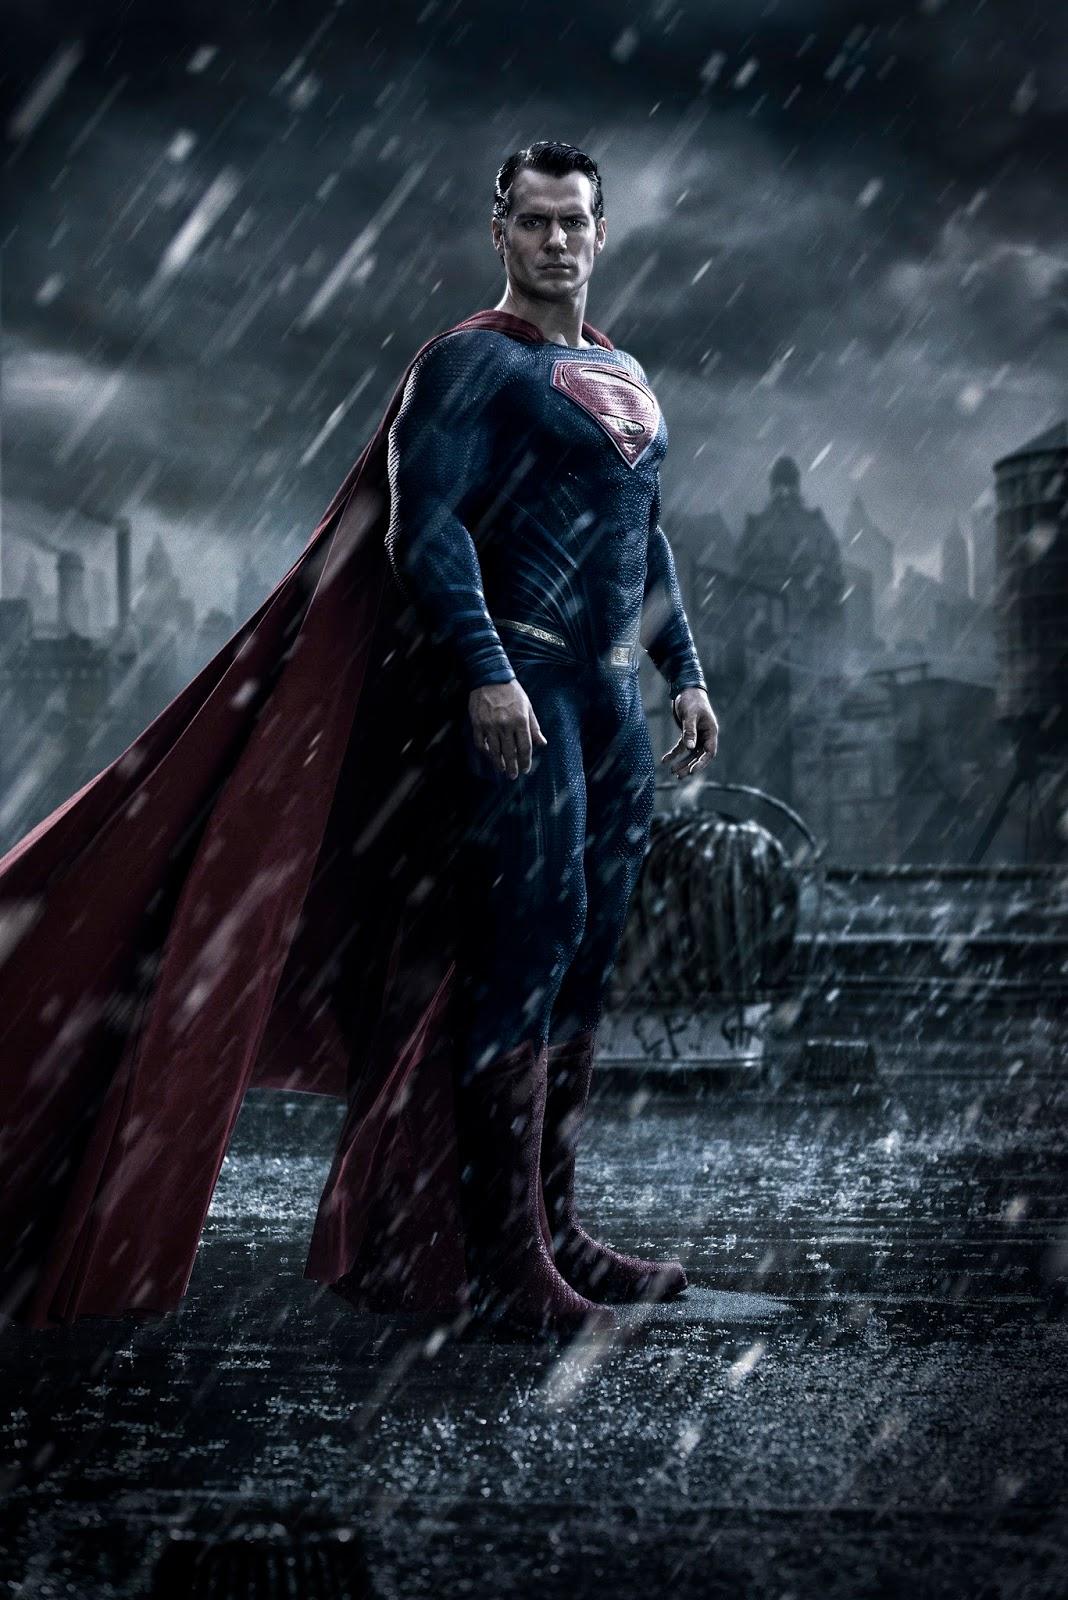 Prima imagine cu Henry Cavill în rolul lui Superman din Batman v Superman: Dawn Of Justice